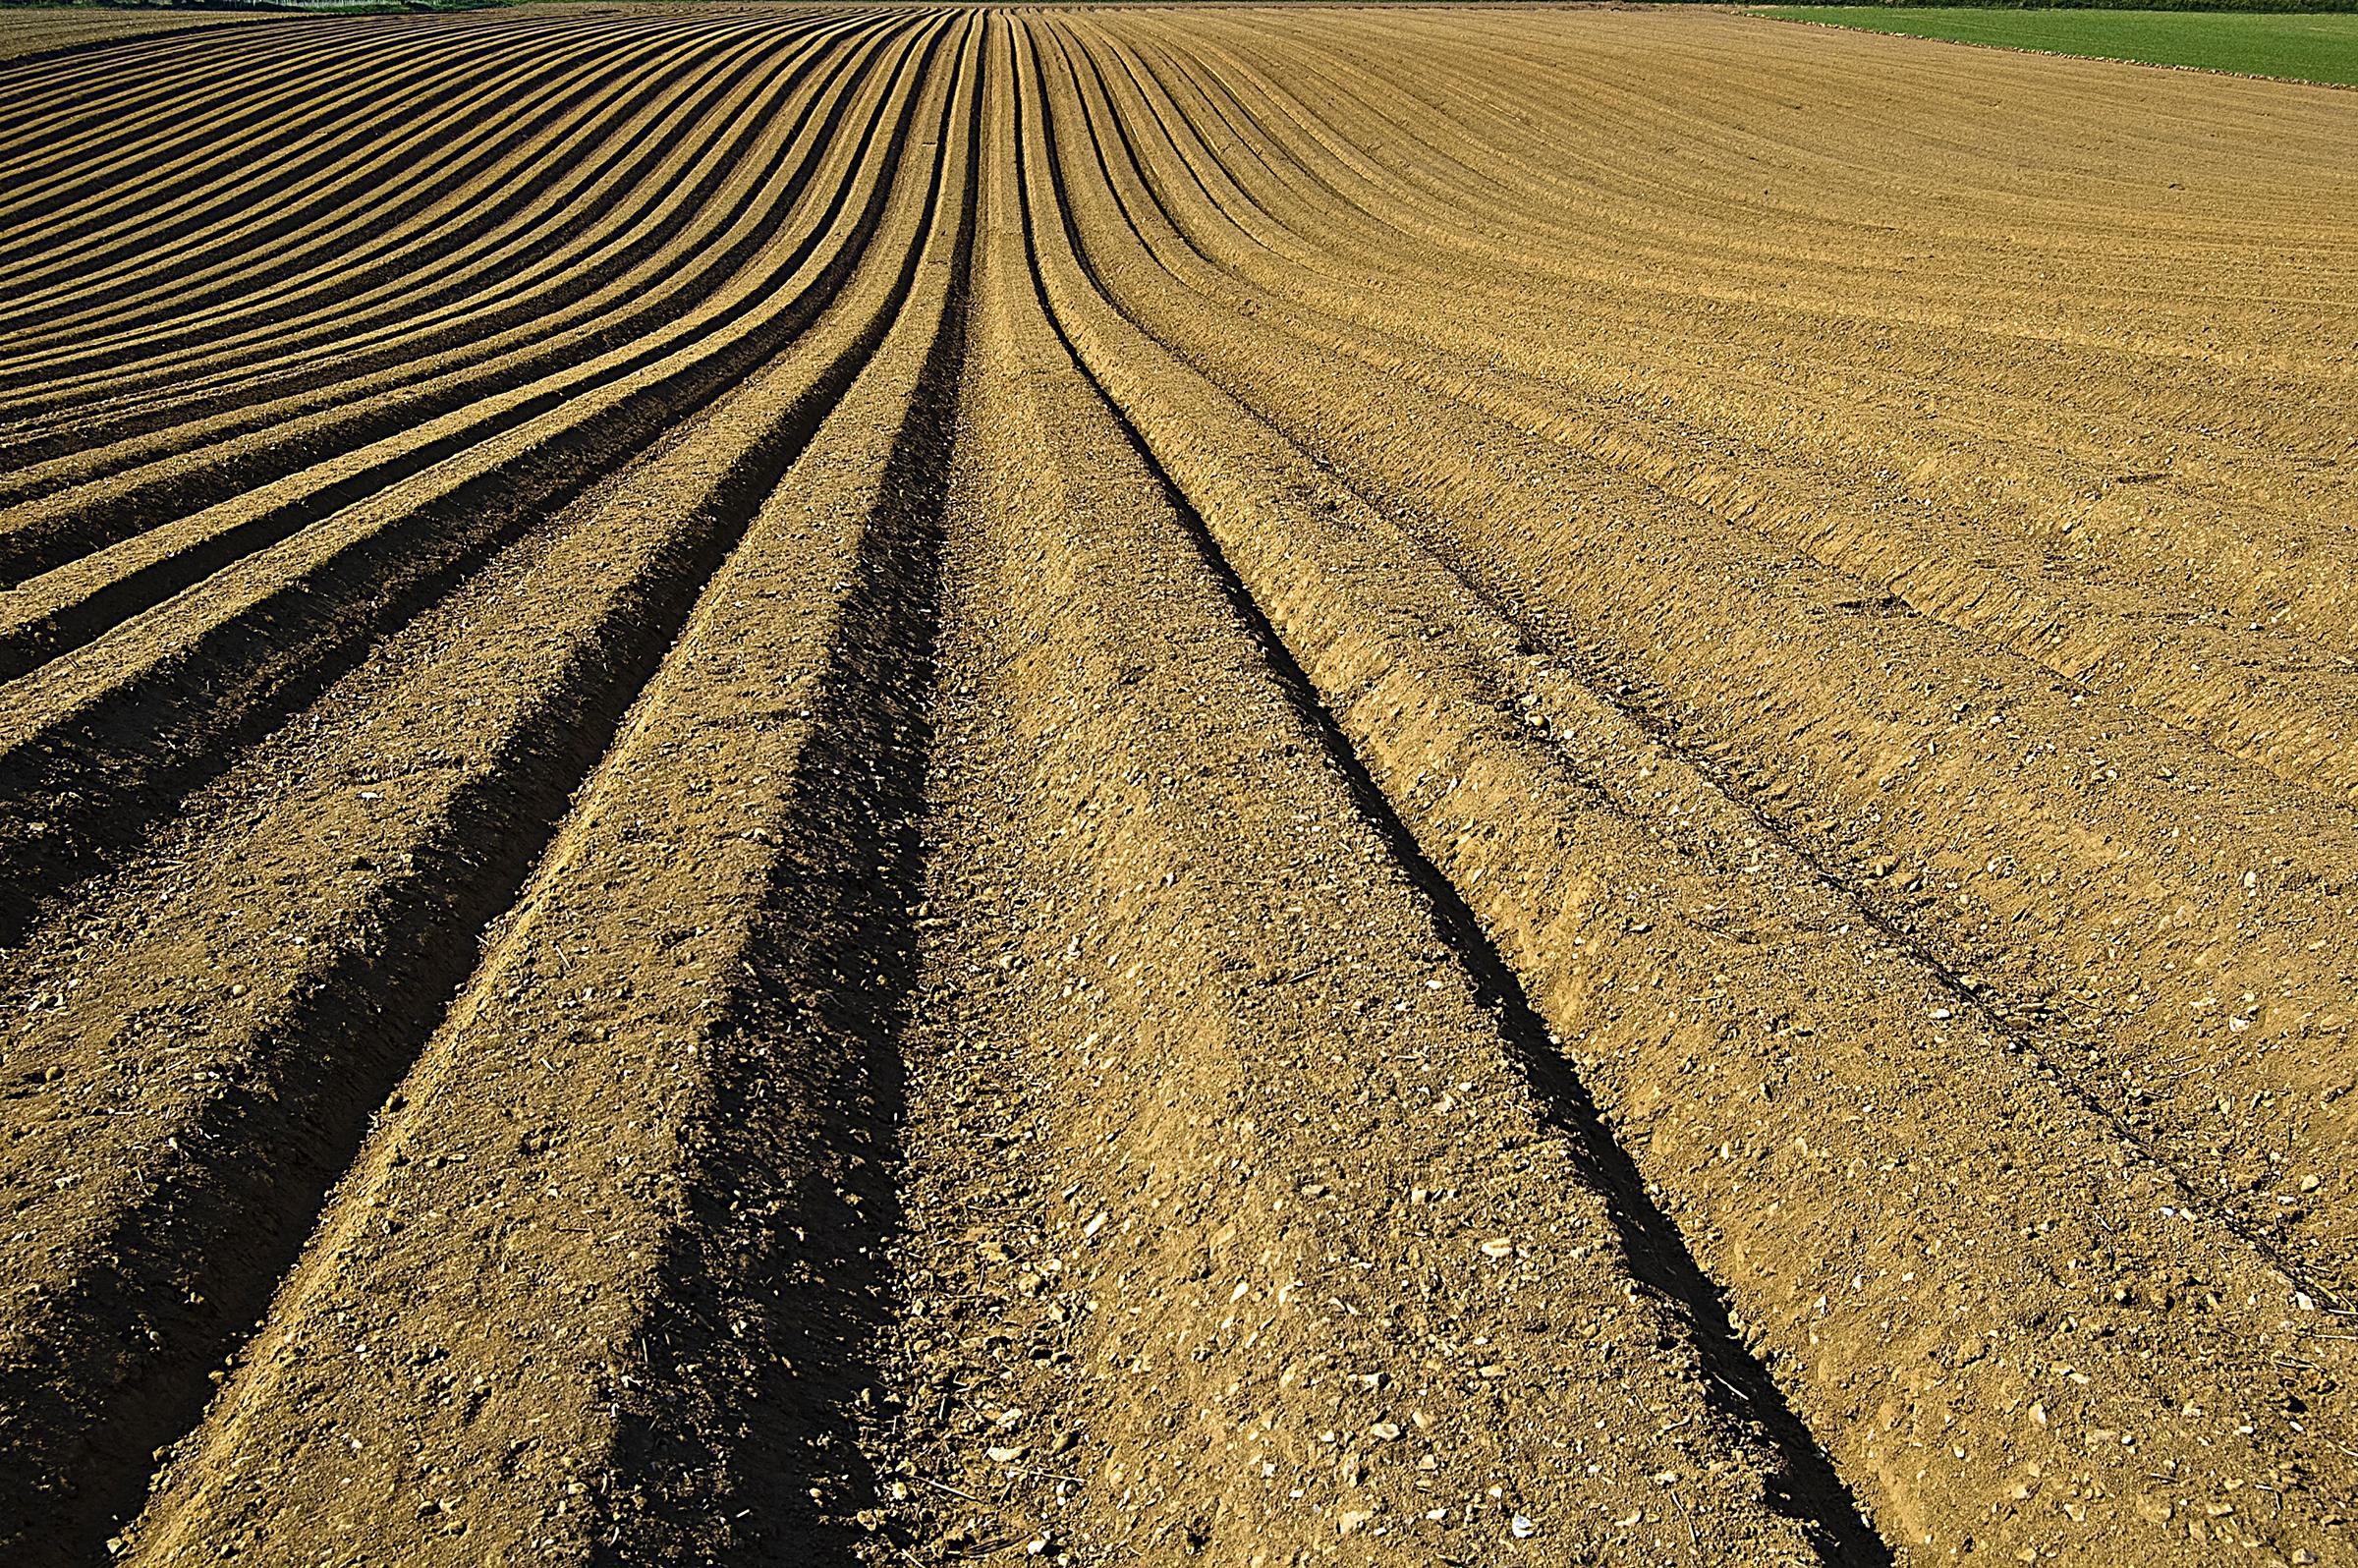 Composición física y química del suelo agrícola